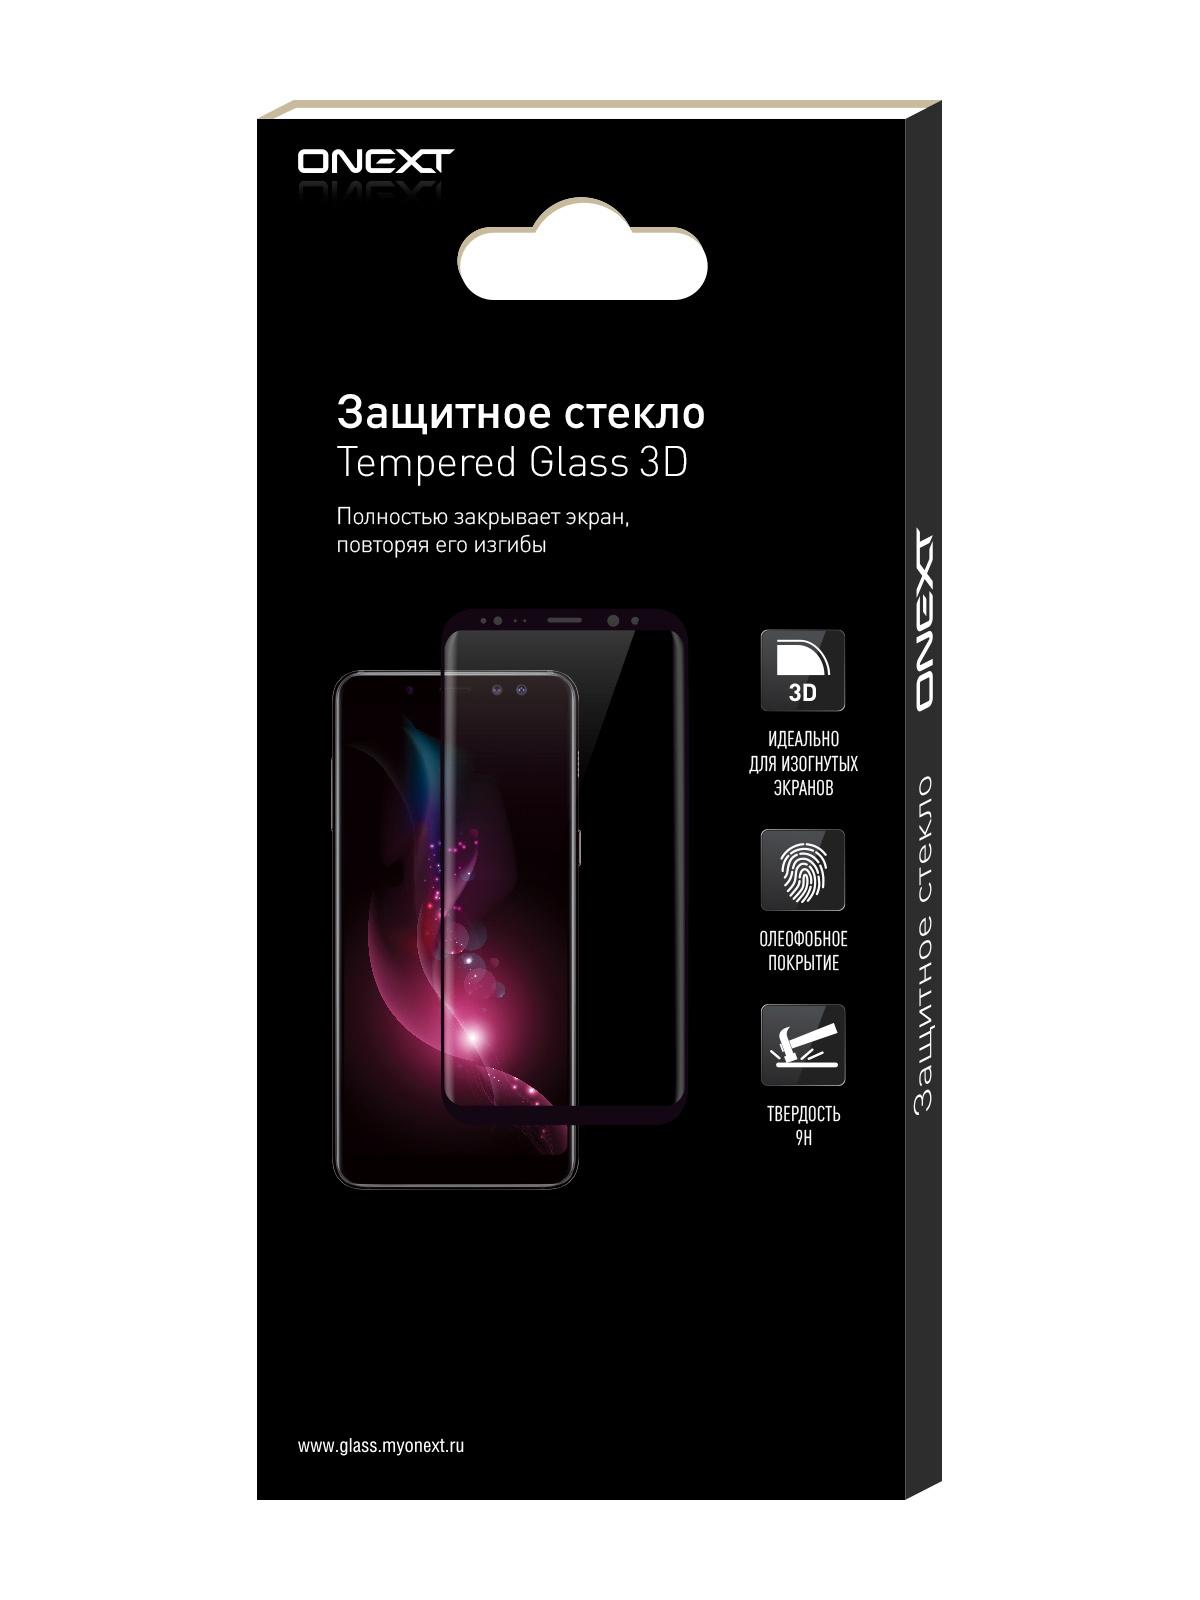 Защитное стекло ONEXT Nokia 3.1 (2018), 3D